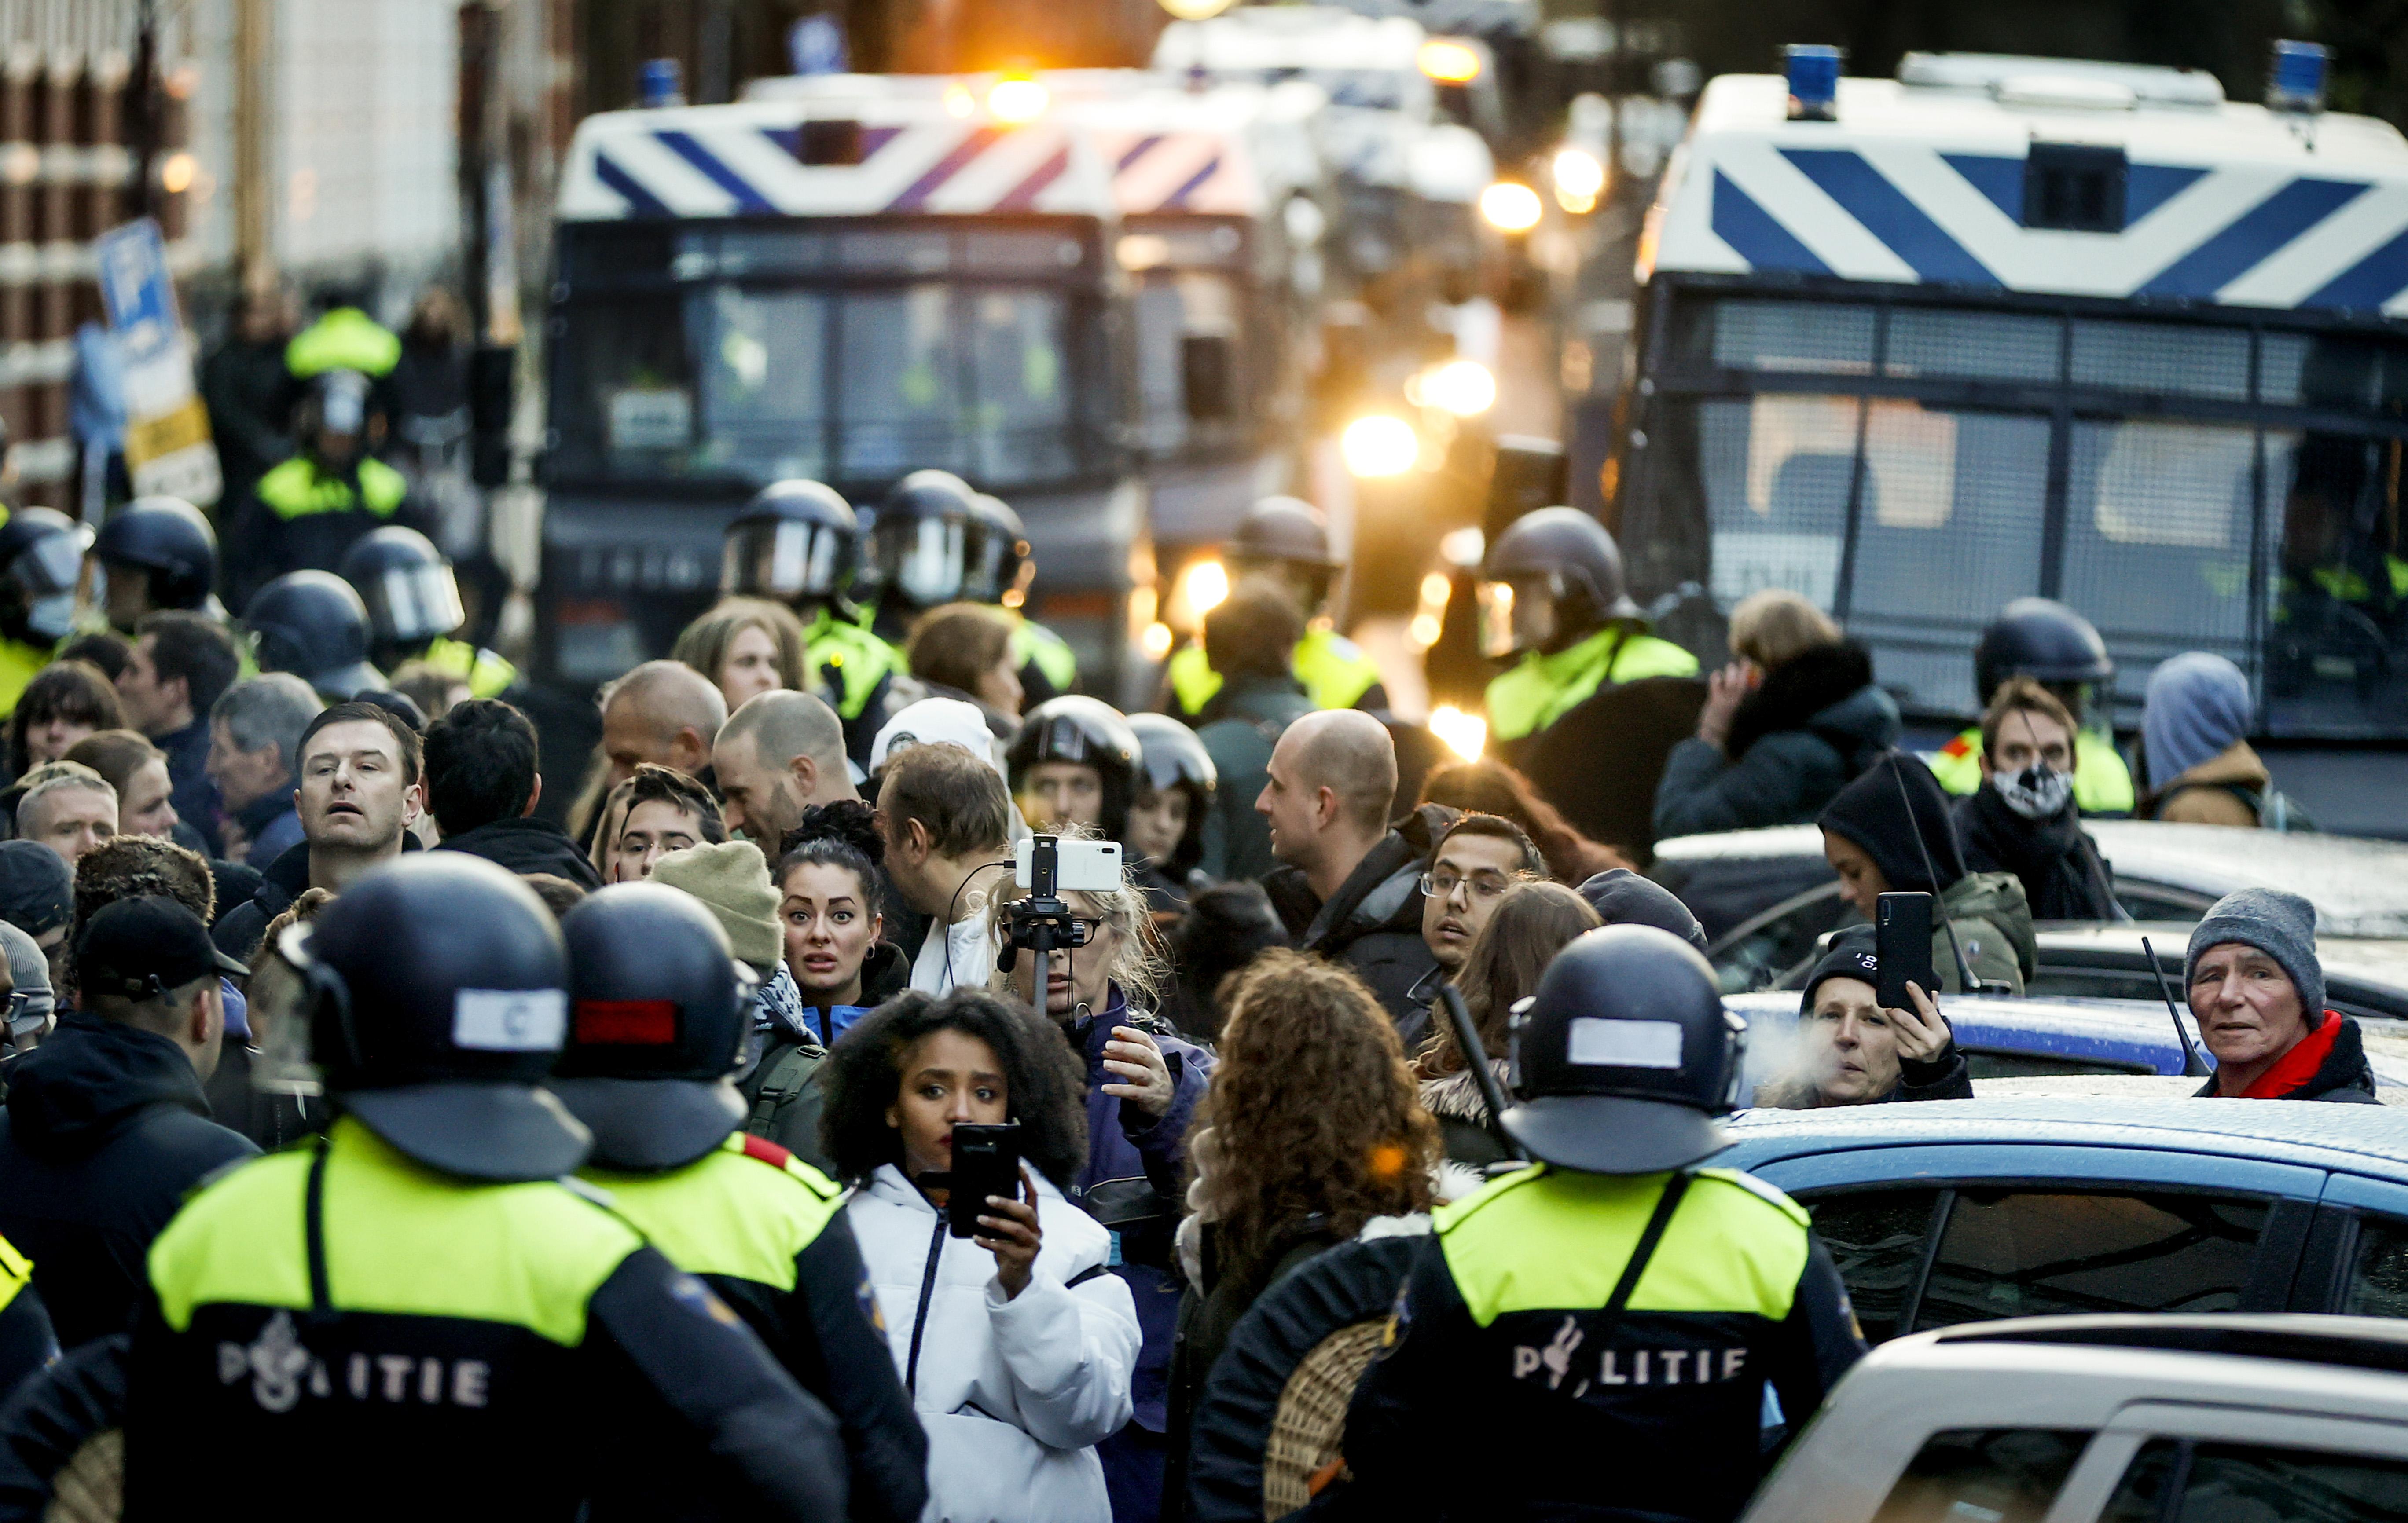 De politie heeft vandaag 115 mensen gearresteerd tijdens een spontane demonstratie op het Museumplein